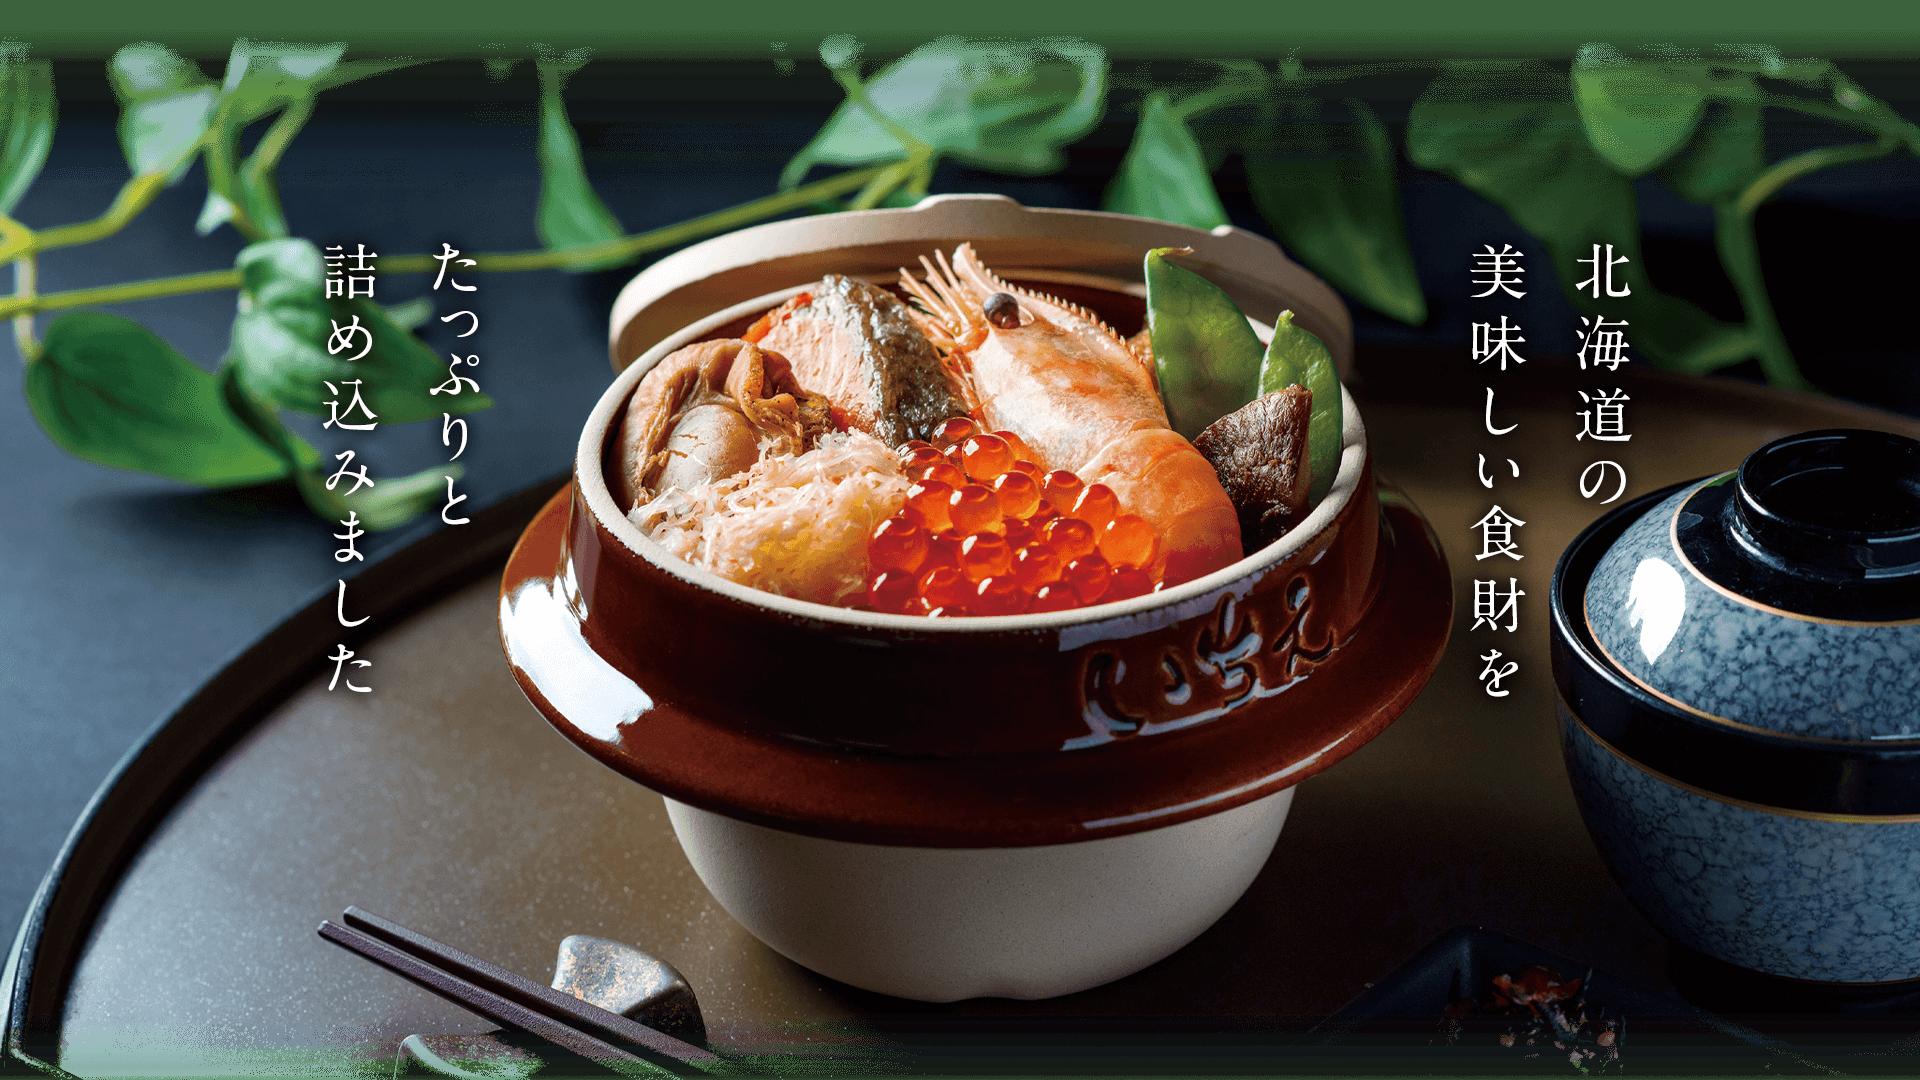 北海道の美味しい食財をたっぷり詰め込みました